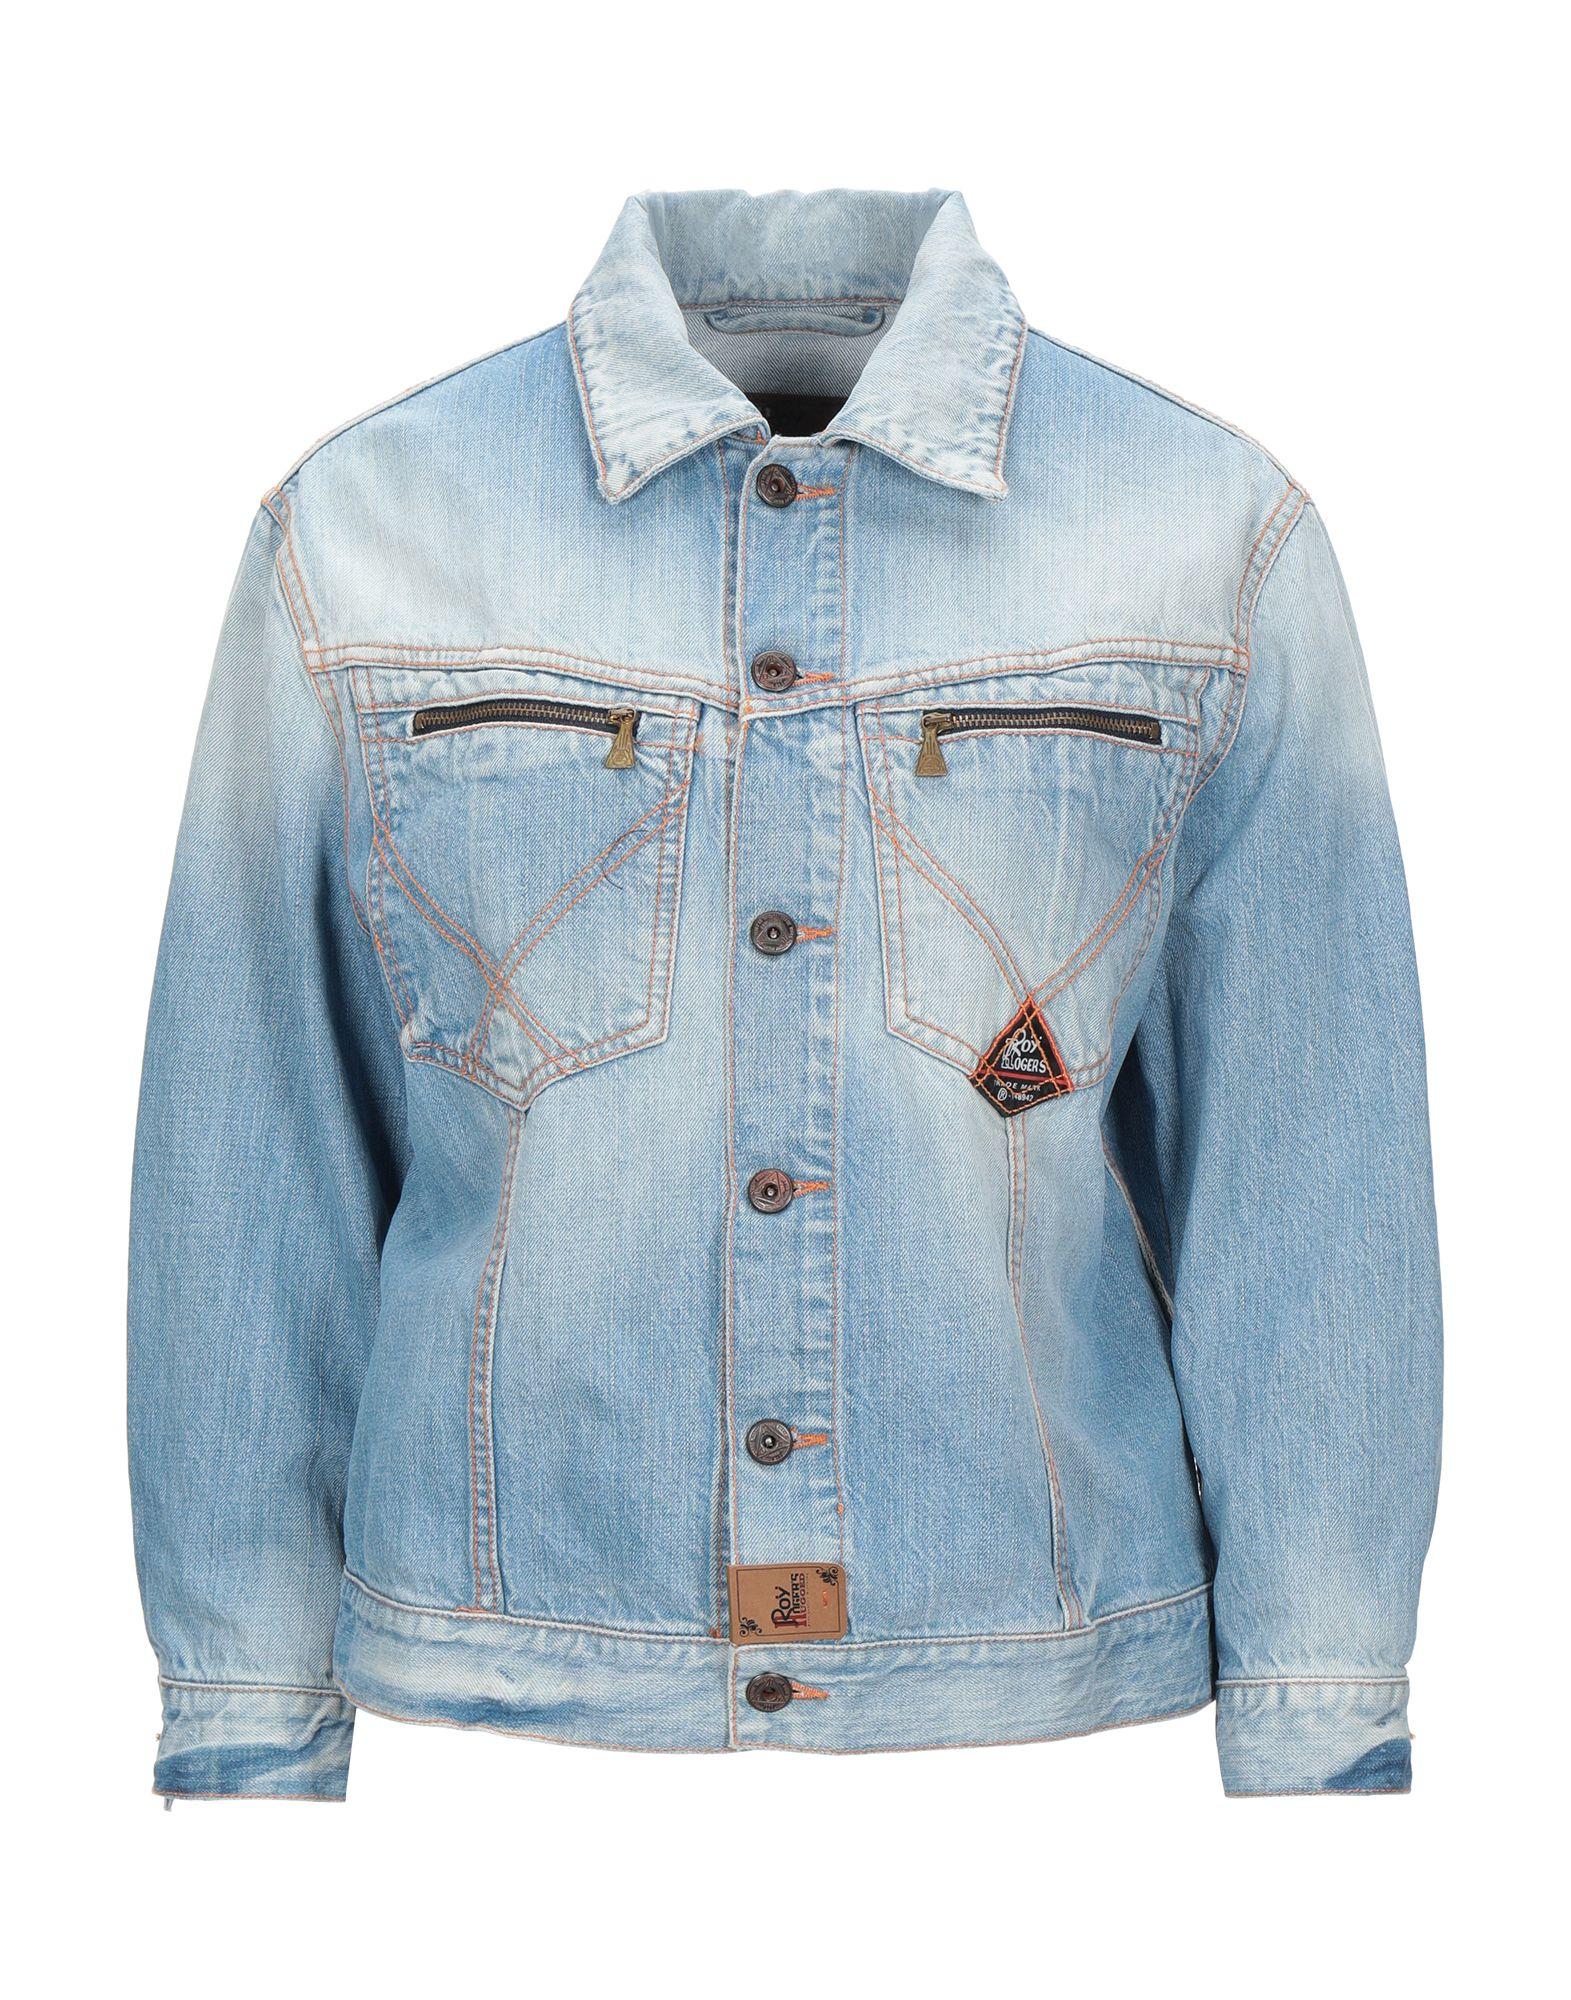 Фото - ROŸ ROGER'S Джинсовая верхняя одежда wesc джинсовая верхняя одежда